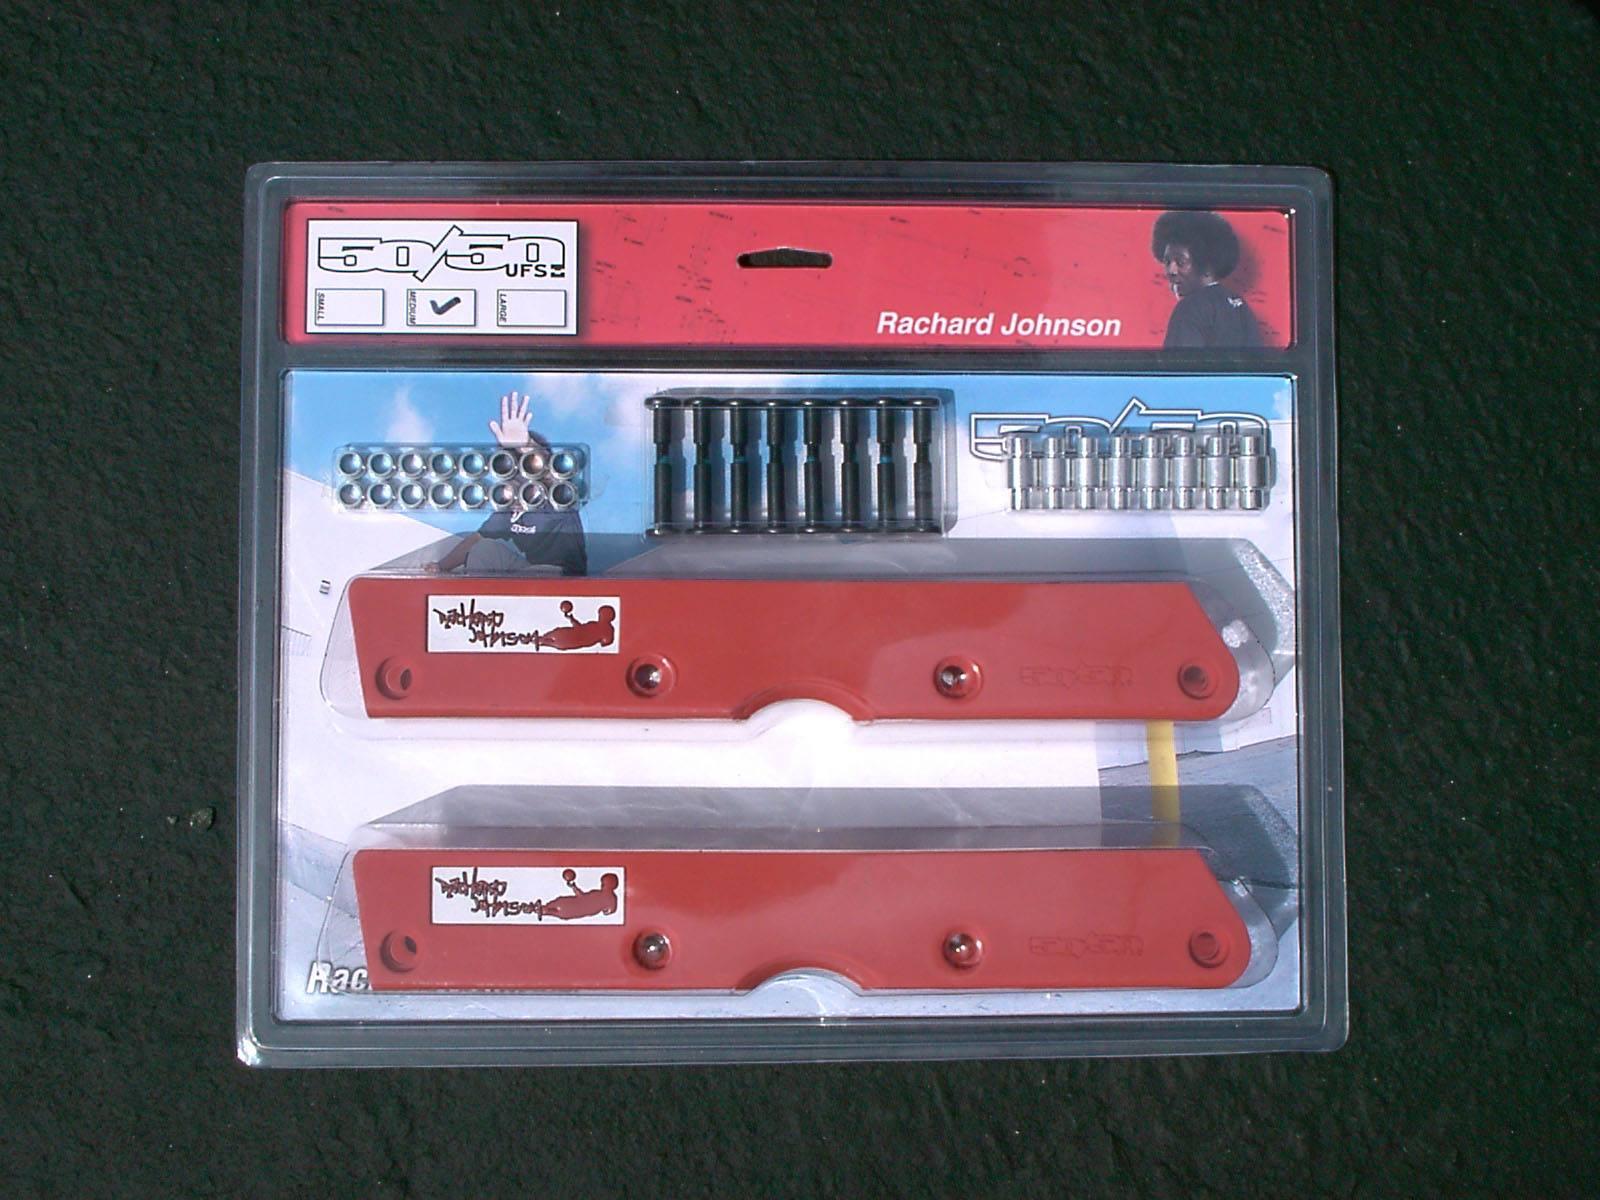 Rachard Johnson's Pro Model 50/50 UFS frame packaging.